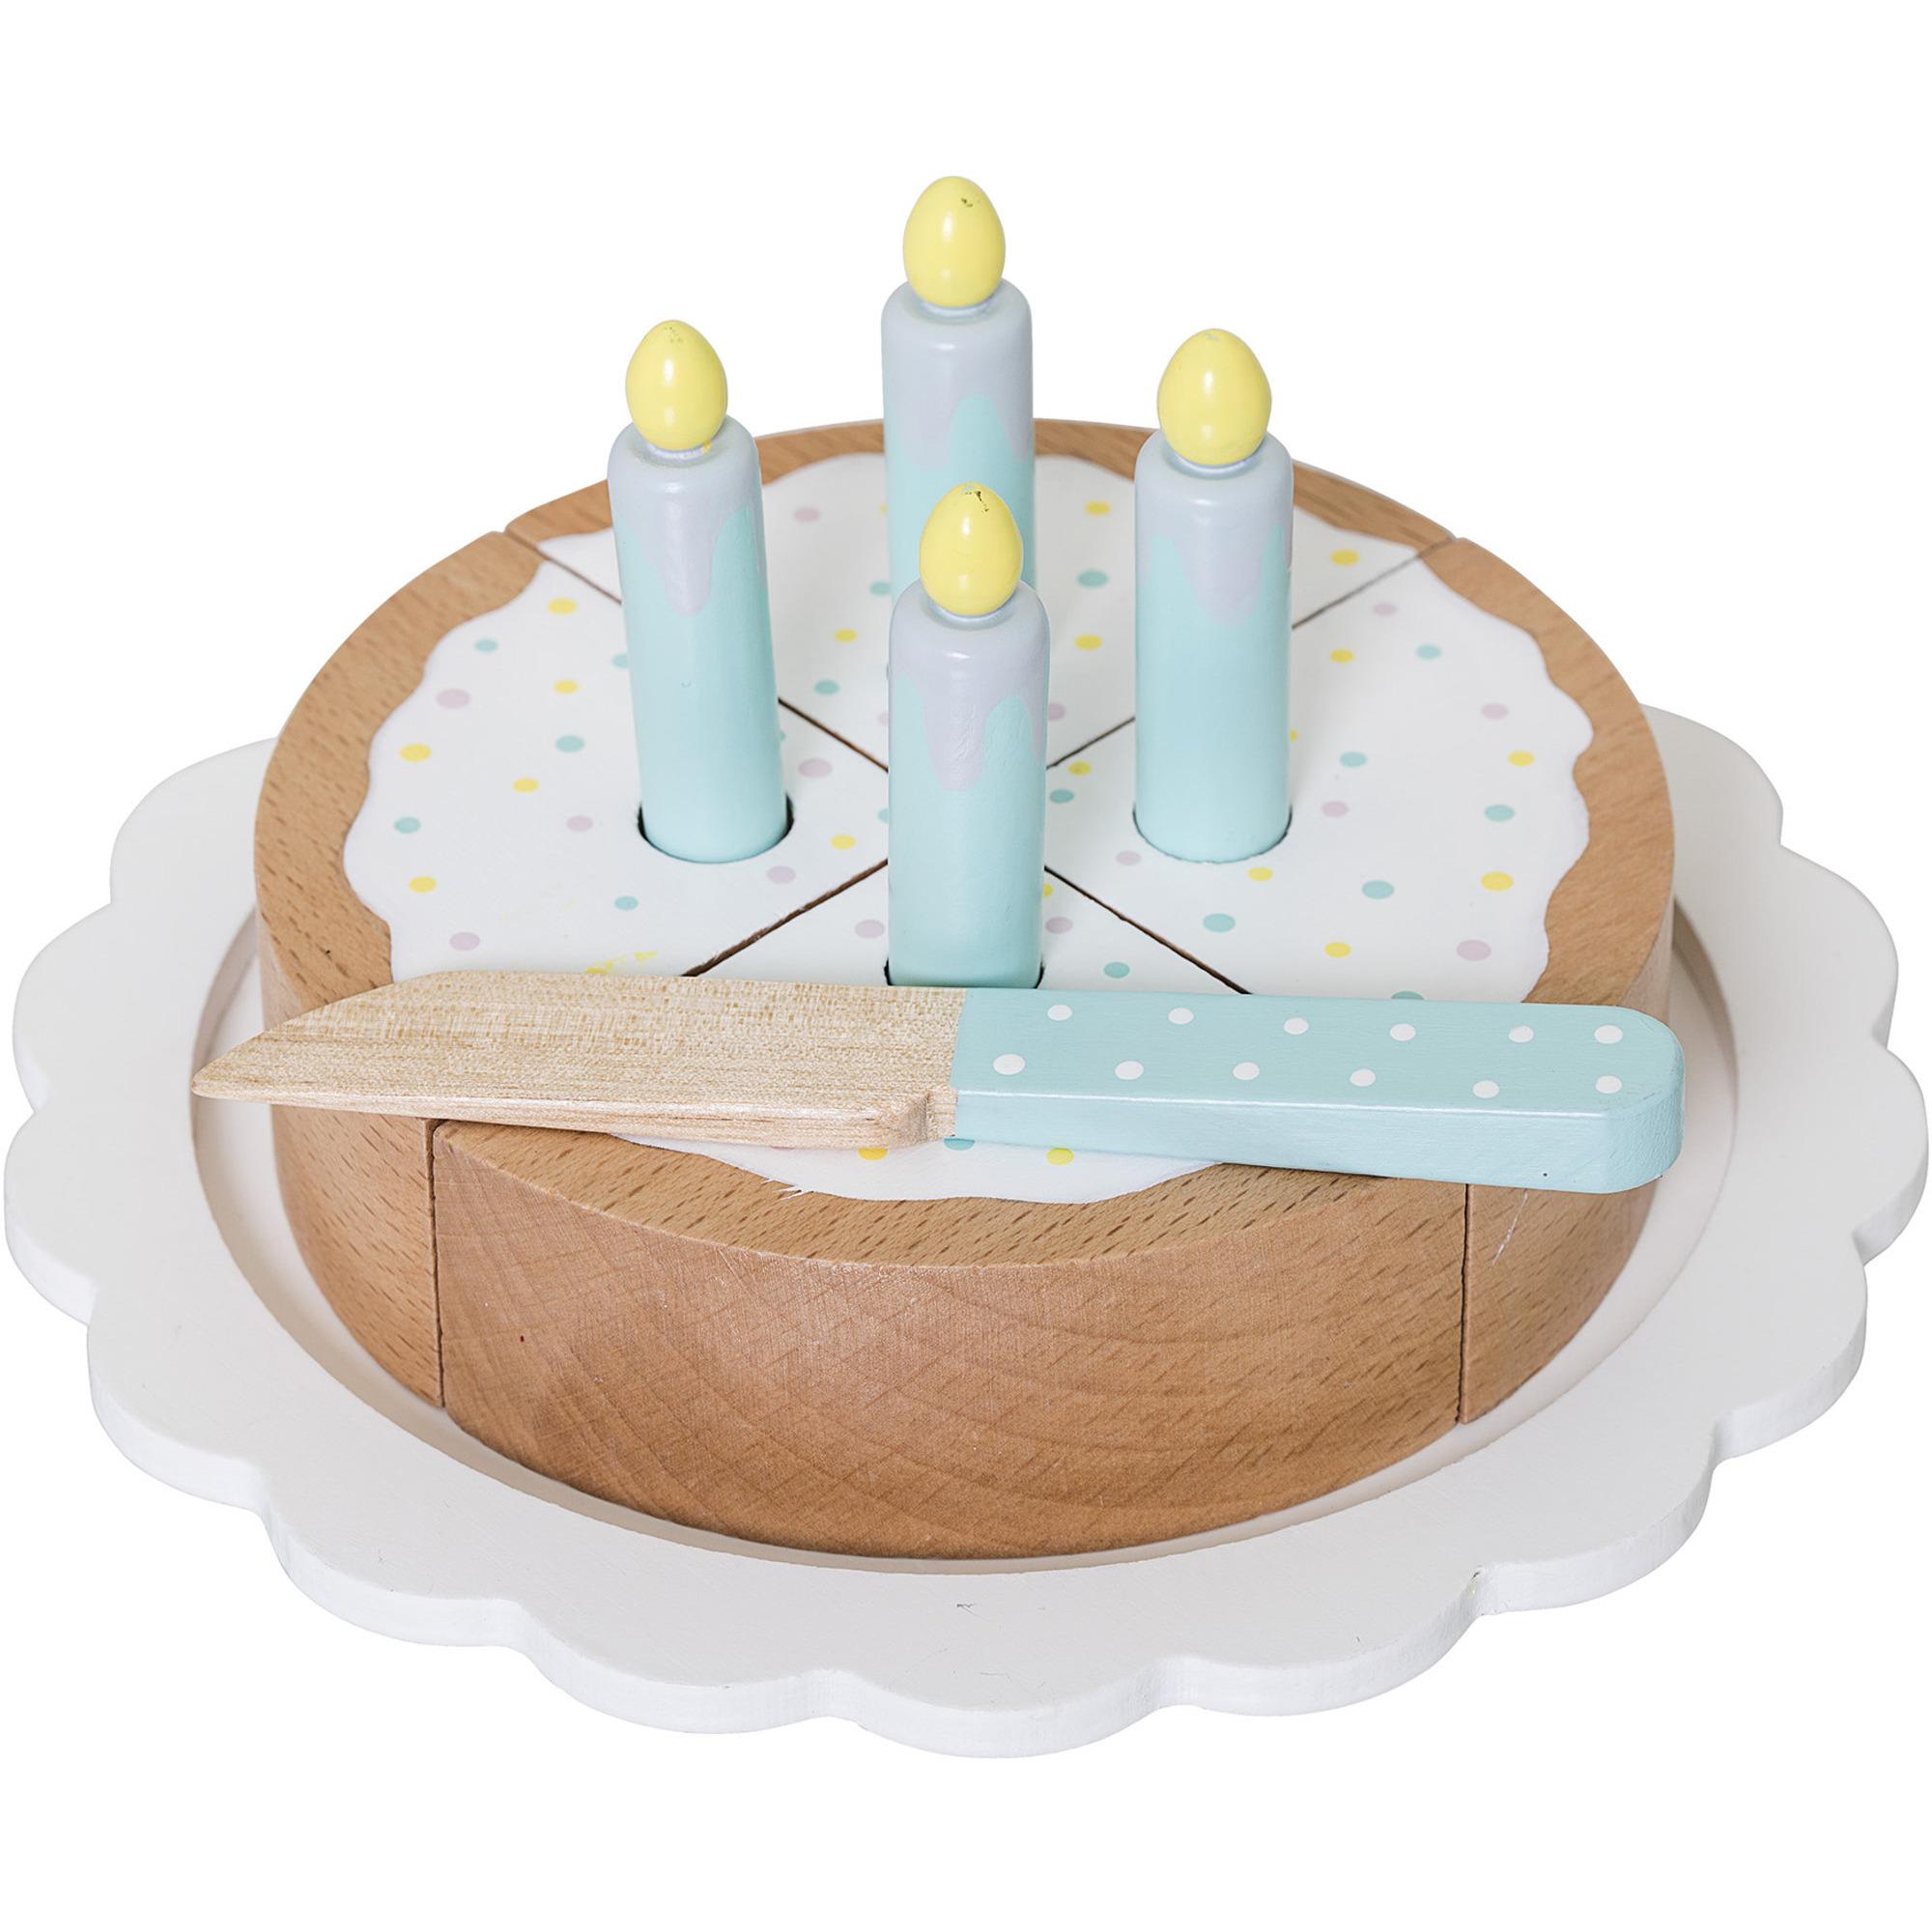 Bloomingville Mini Leksaksmat/ tårta